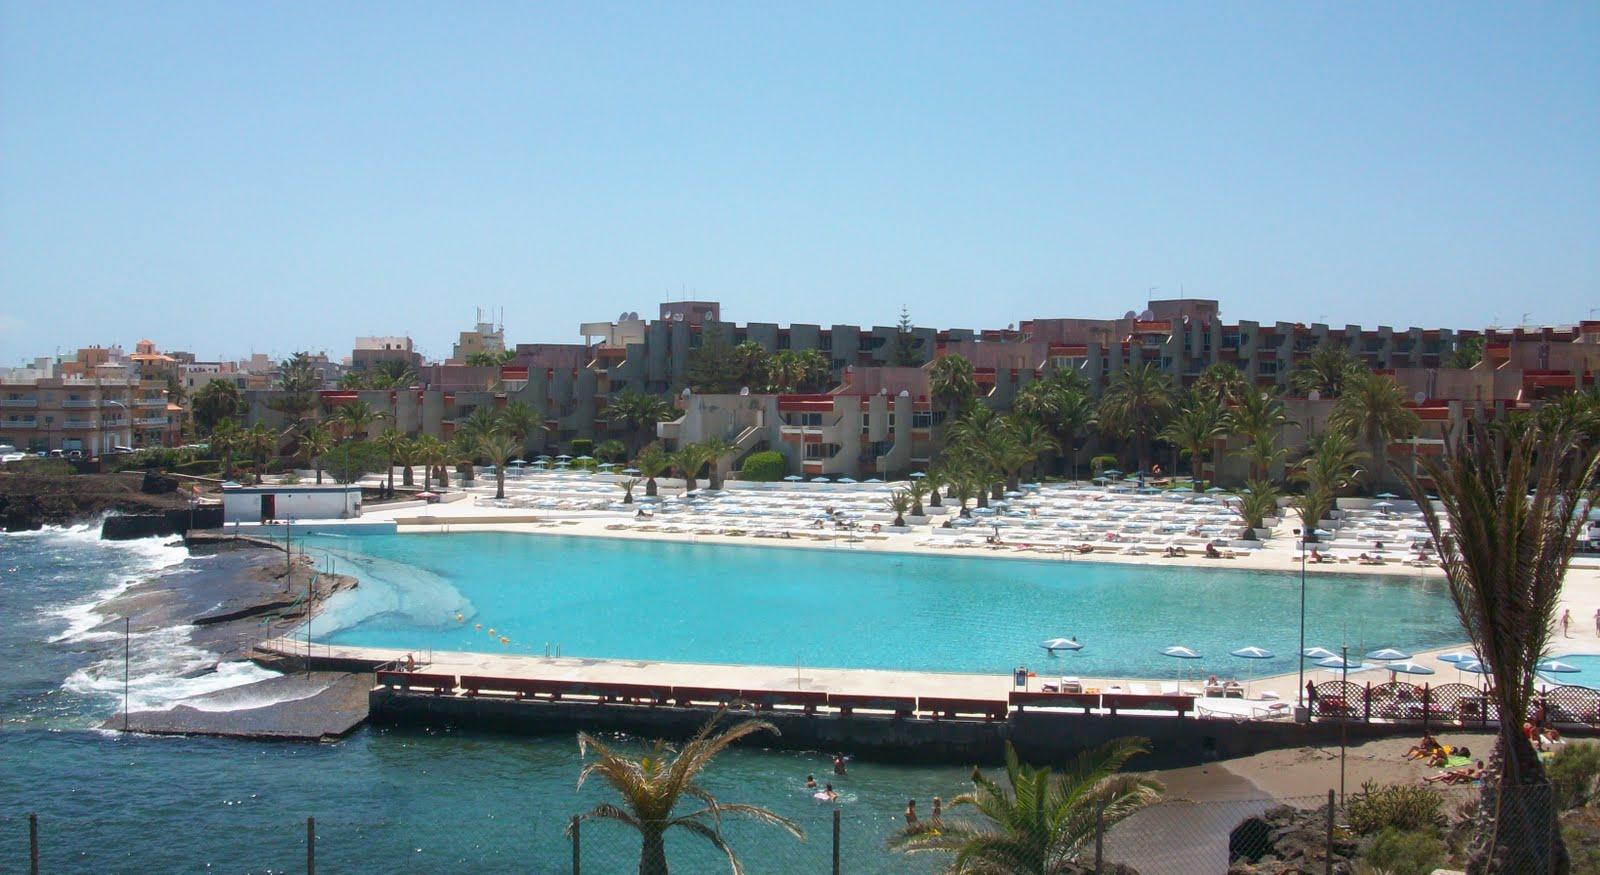 La isla y yo piscina de agua salada - Piscinas de agua salada ...